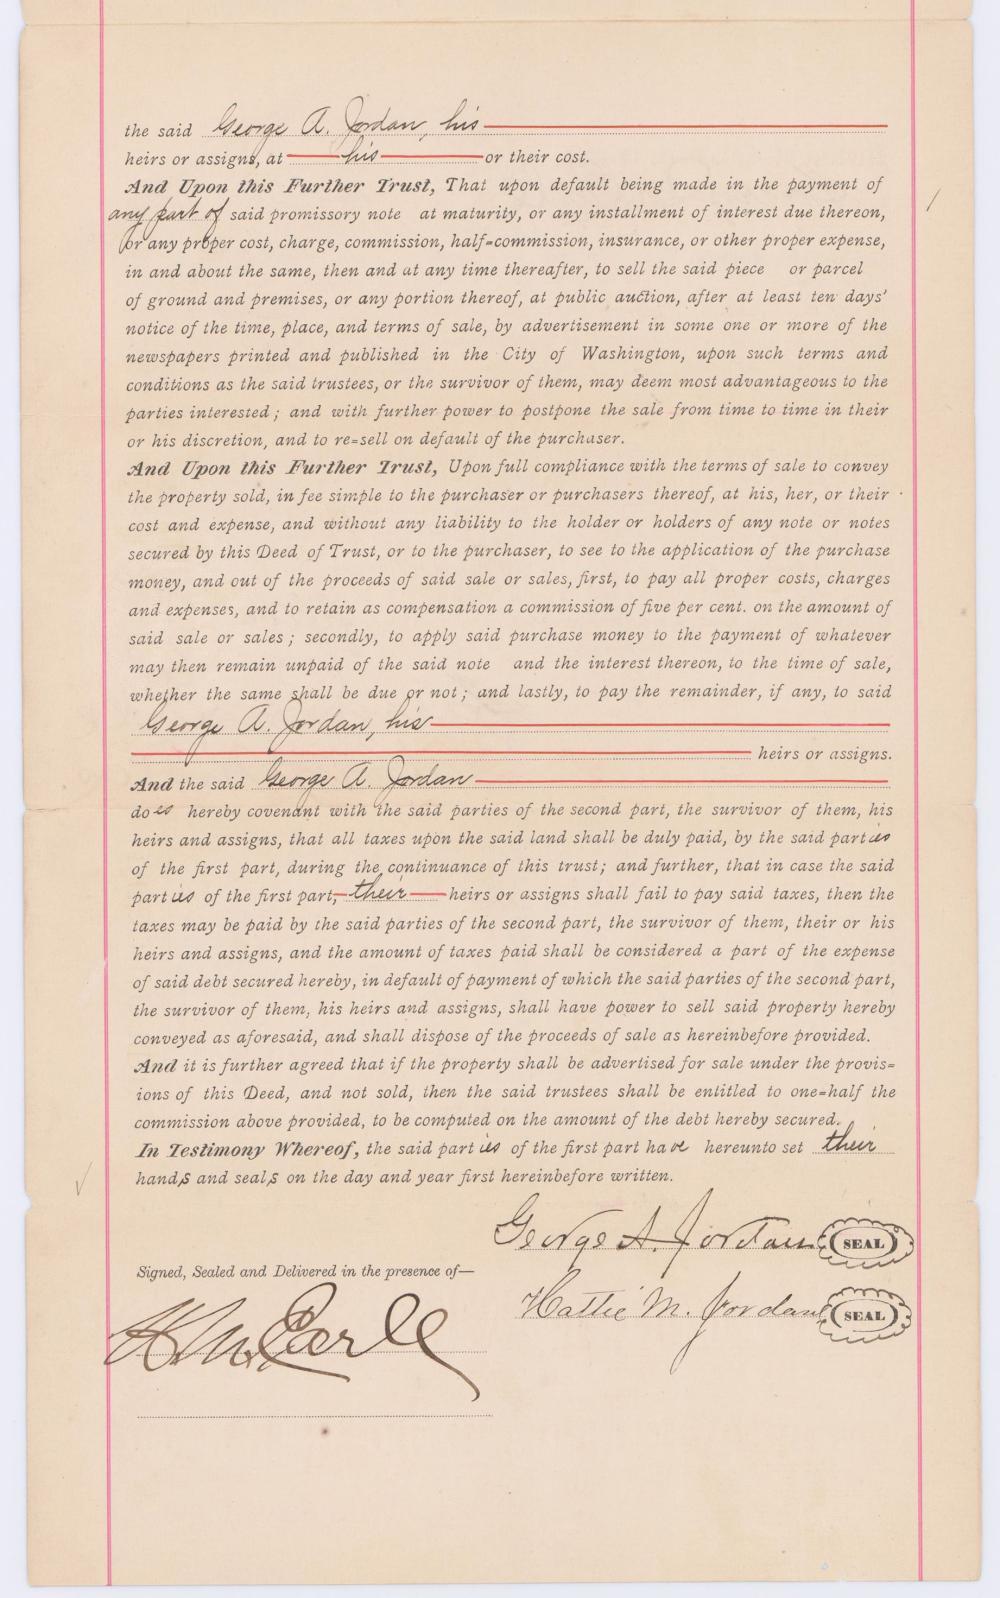 Blanche K. Bruce, Frederick Douglass Successor, Signed Washington, D.C. Land Deeds, 2 Pcs